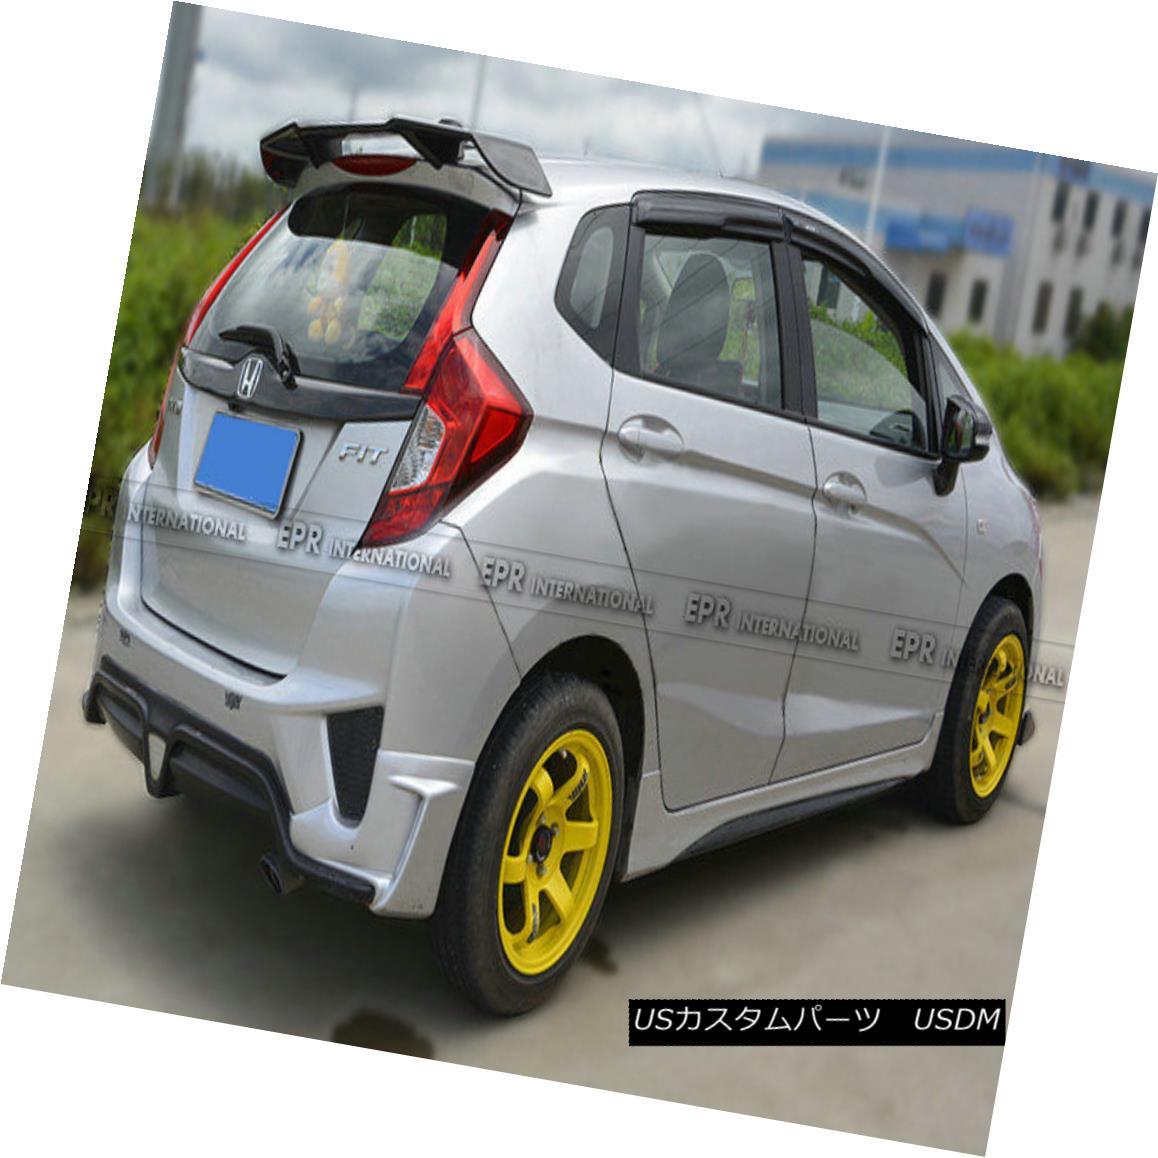 エアロパーツ AER Carbon Fiber For Honda Jazz Fit GK5 14-17 TL-Style Rear Roof Spoiler Wing ホンダジャズフィットGK5用AERカーボンファイバー14-17 TLスタイルのリアルーフスポイラーウイング